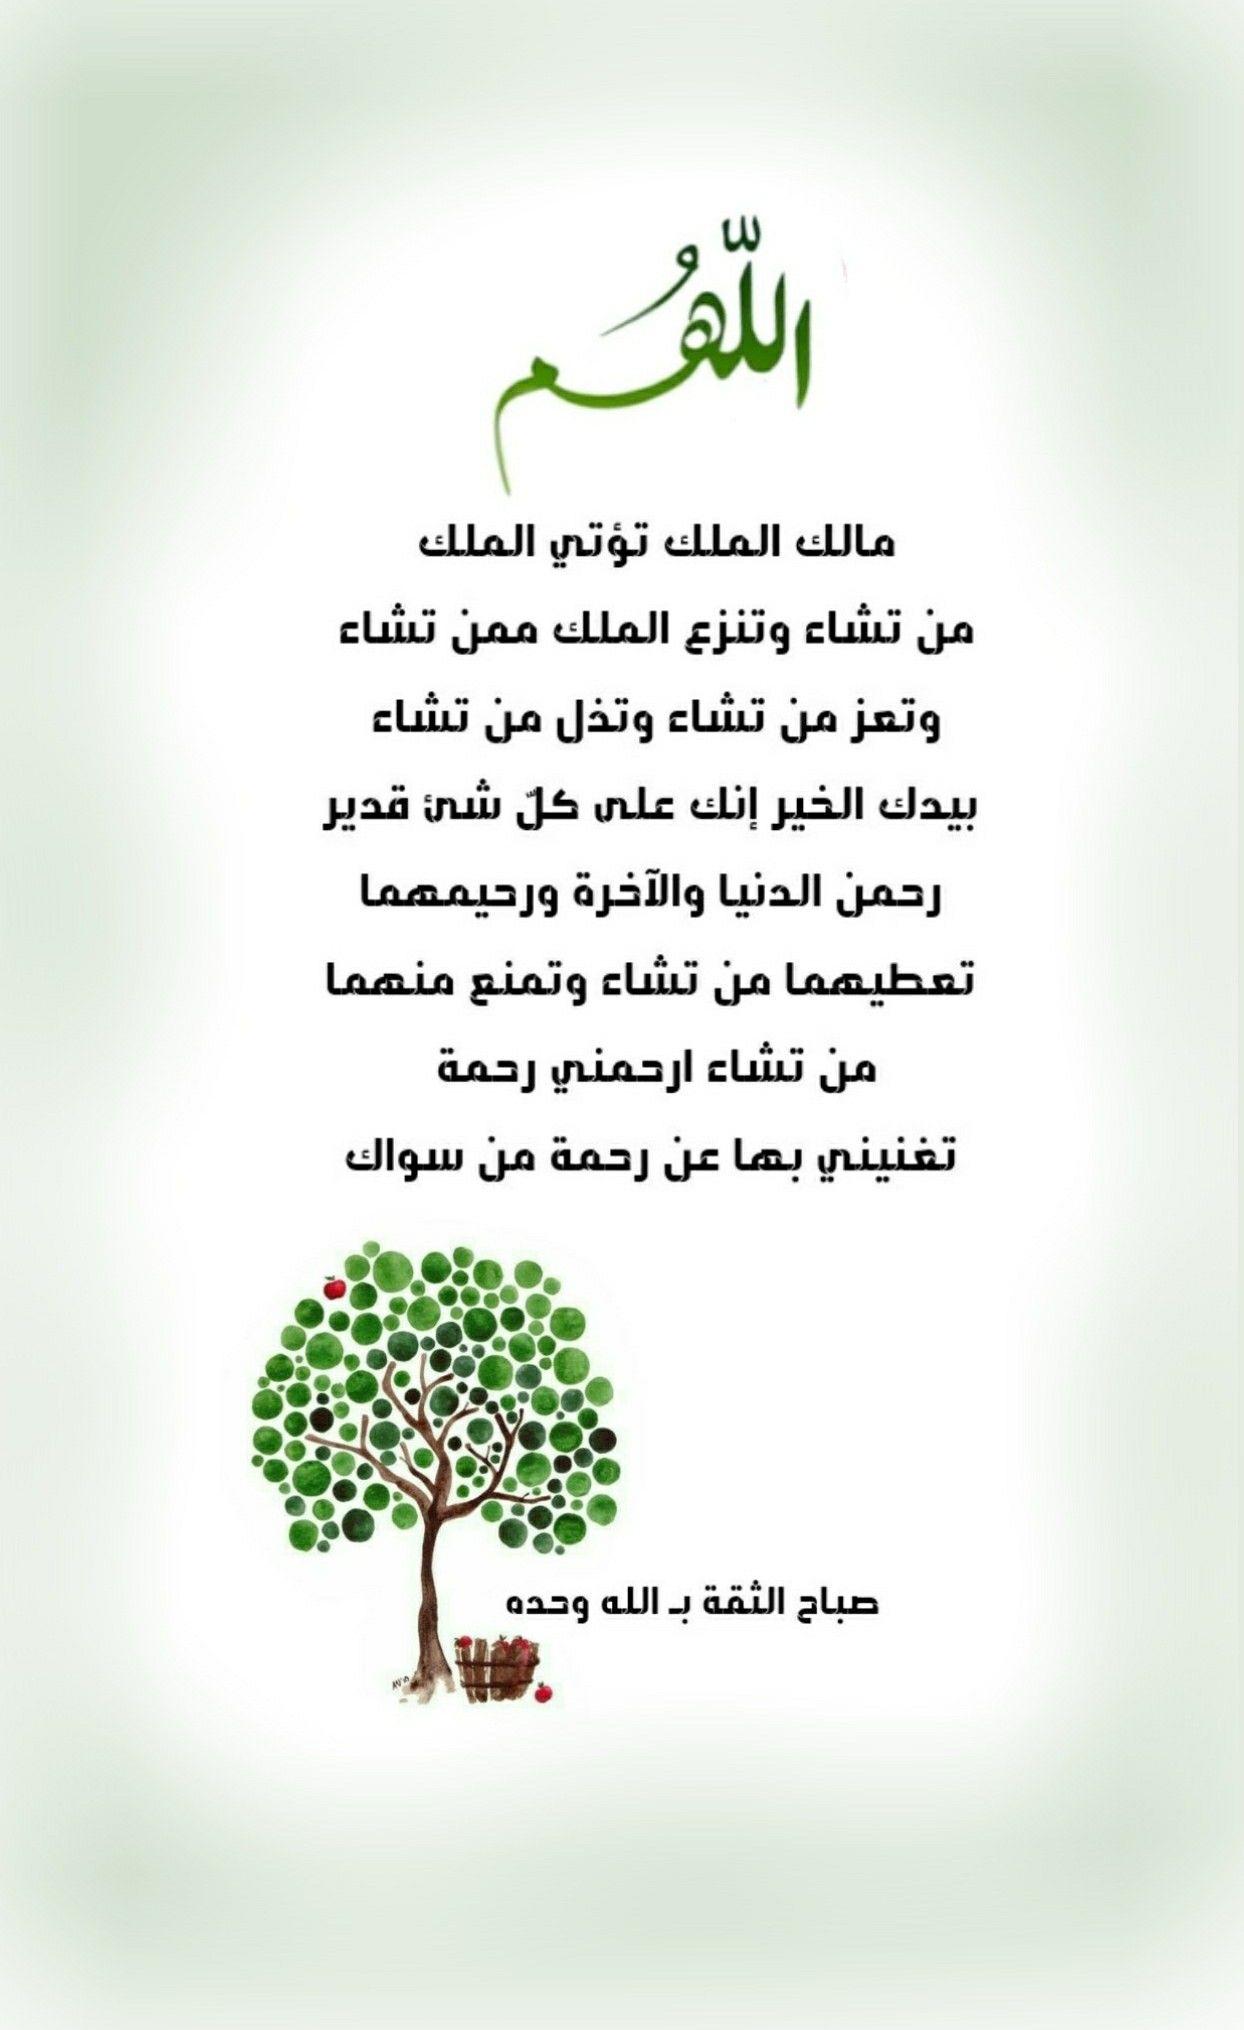 اللهم مالك الملك تؤتي الملك من تشاء وتنزع الملك ممن